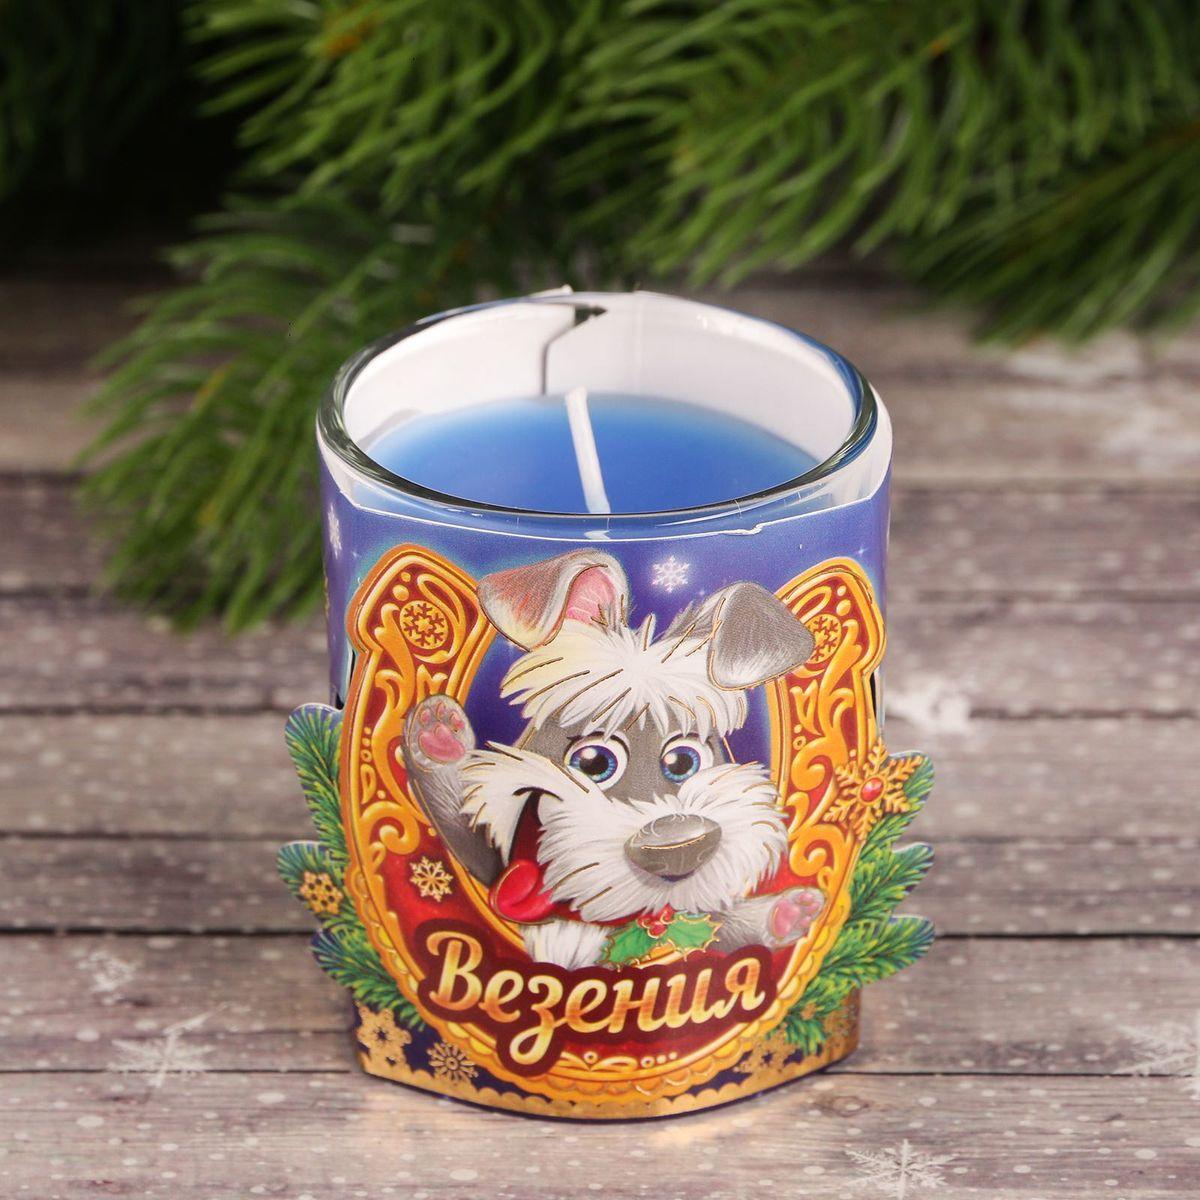 Свеча ароматизированная Sima-land Везения, цвет: синий, высота 6 см2196296Какой новогодний стол без свечей? Вместе с мандаринами, шампанским и еловыми ветвями они создадут сказочную атмосферу, а их притягательное пламя подарит ощущение уюта и тепла. А еще это отличная идея для подарка! Свеча ароматизированная в стакане Sima-land оградит от невзгод и поможет во всех начинаниях в будущем году. Каждому хозяину периодически приходит мысль обновить свою квартиру, сделать ремонт, перестановку или кардинально поменять внешний вид каждой комнаты. Свеча ароматизированная в стакане Sima-land - привлекательная деталь, которая поможет воплотить вашу интерьерную идею, создать неповторимую атмосферу в вашем доме. Окружите себя приятными мелочами, пусть они радуют глаз и дарят гармонию. Ароматизированная свеча Sima-land несет в себе волшебство и красоту праздника. Такое украшение создаст в вашем доме атмосферу праздника, веселья и радости.